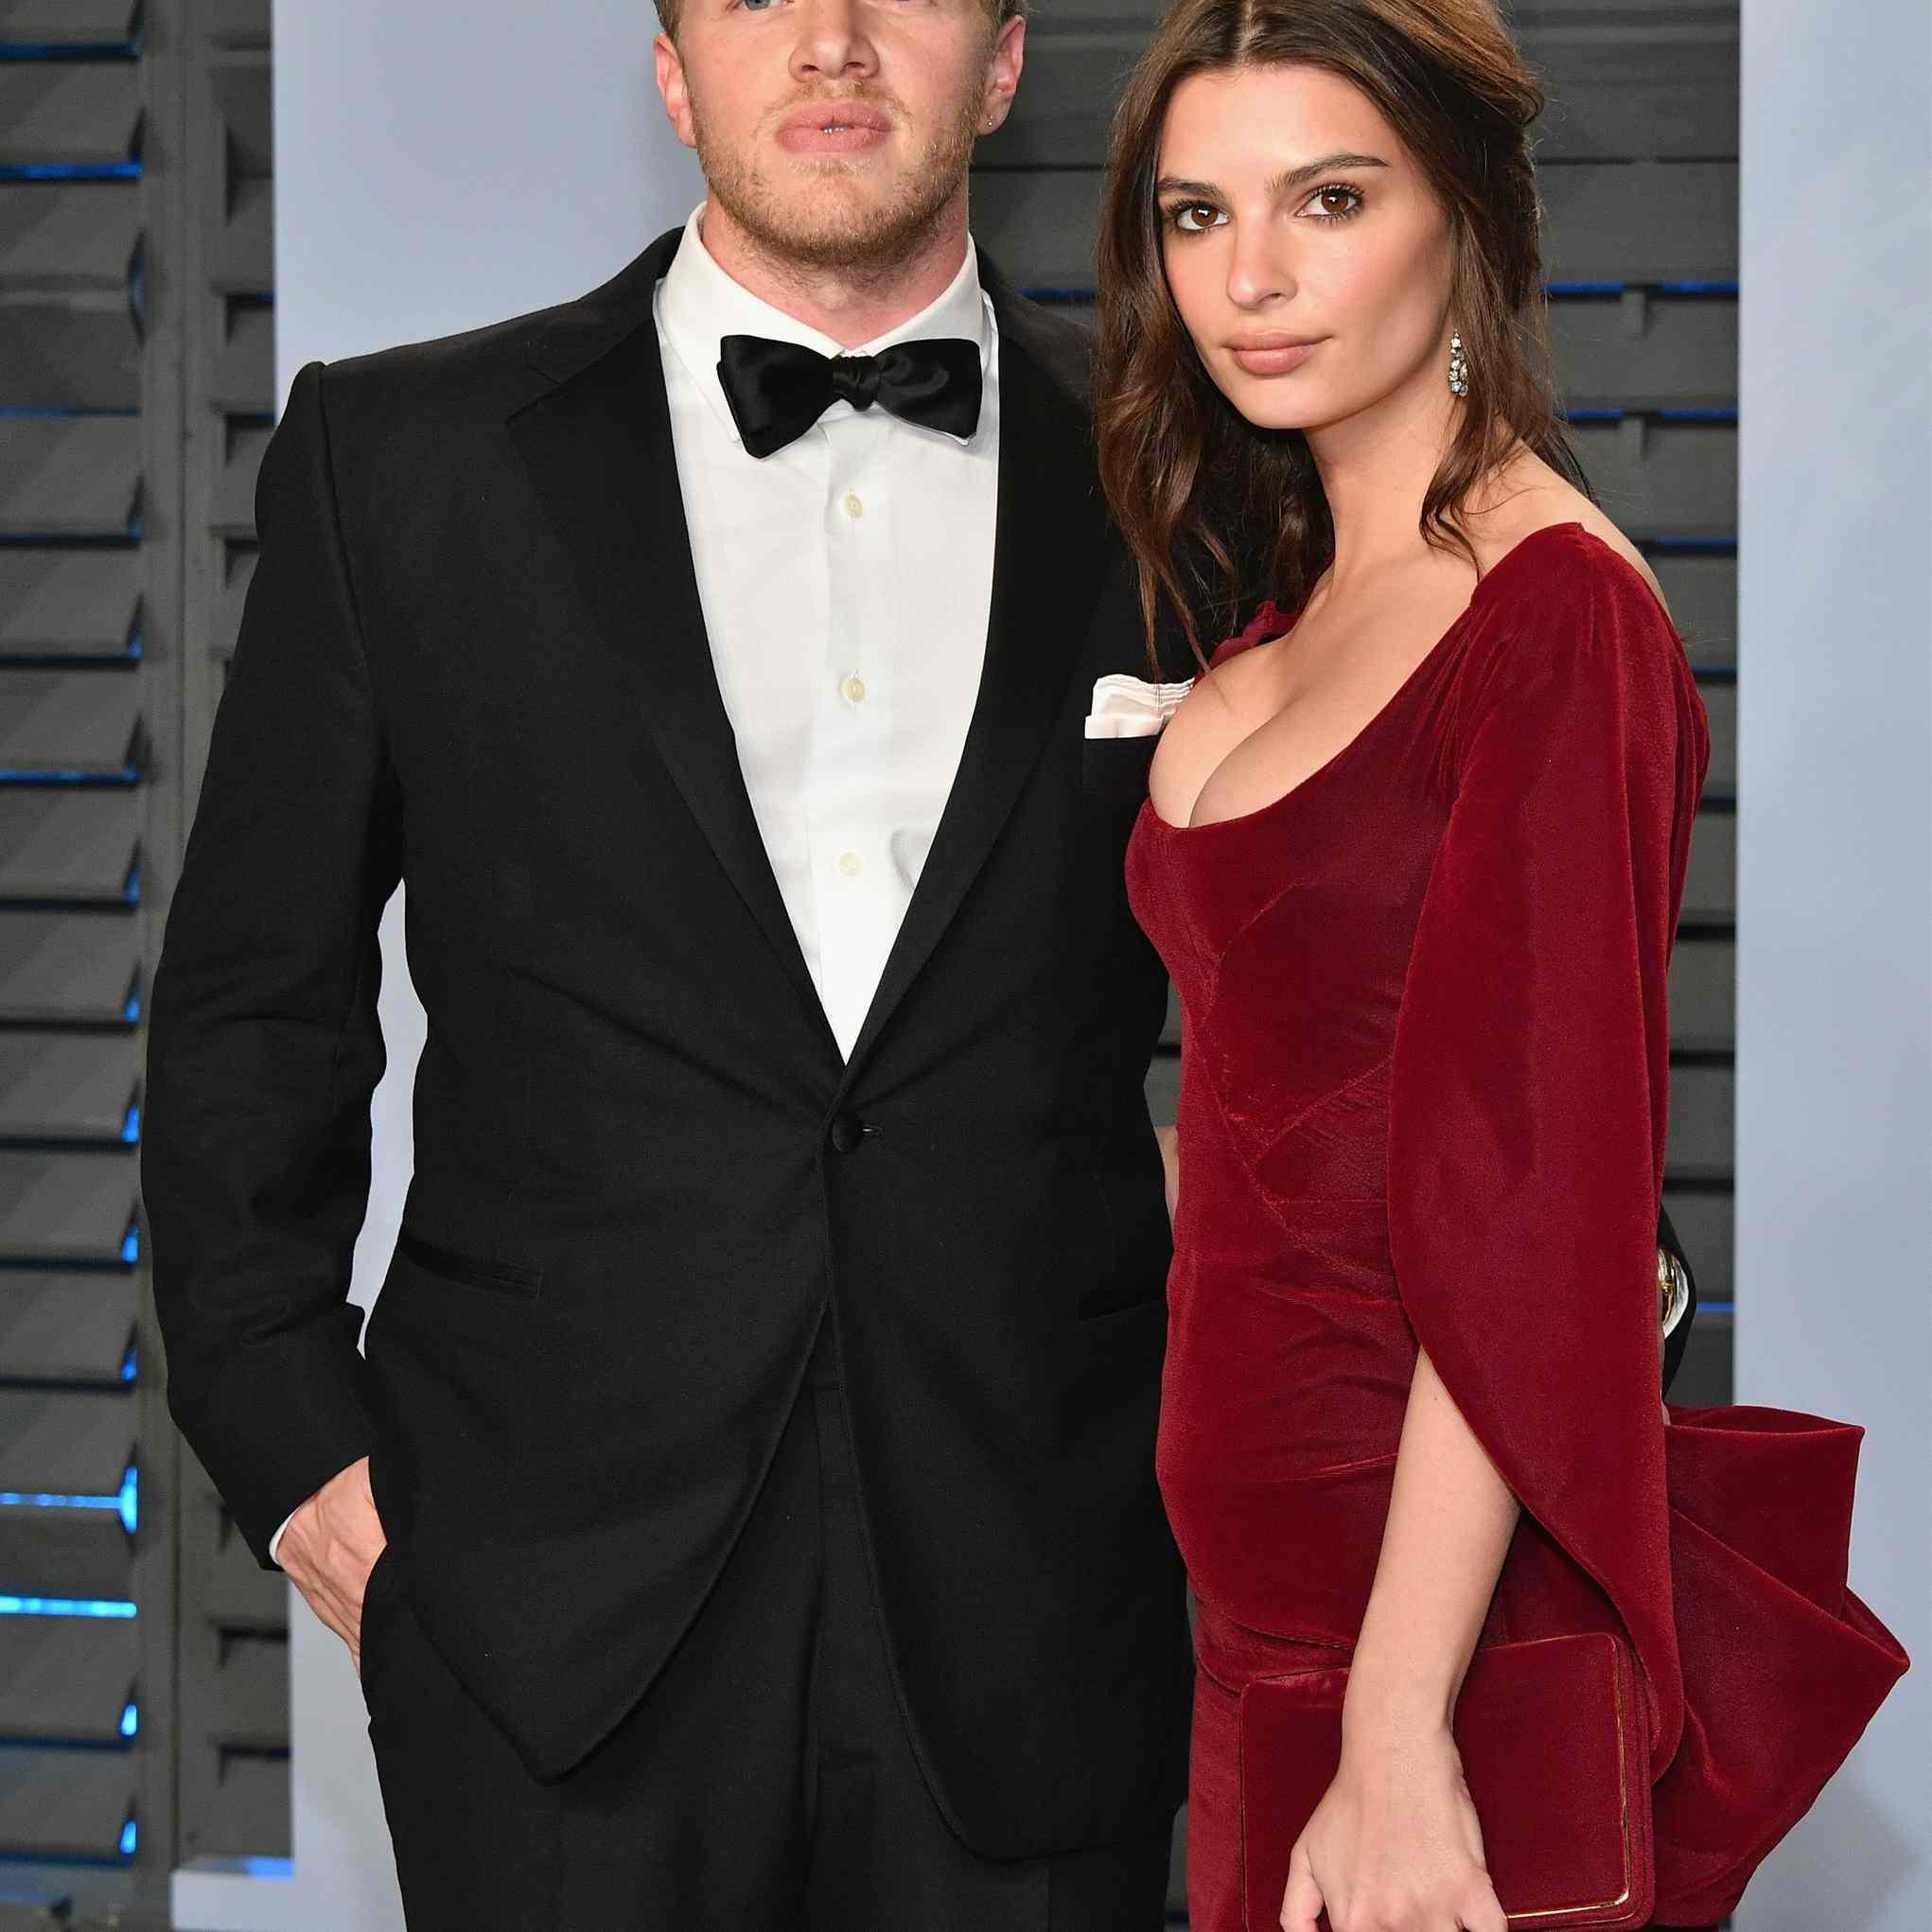 Emily Ratajkowski and Sebastian